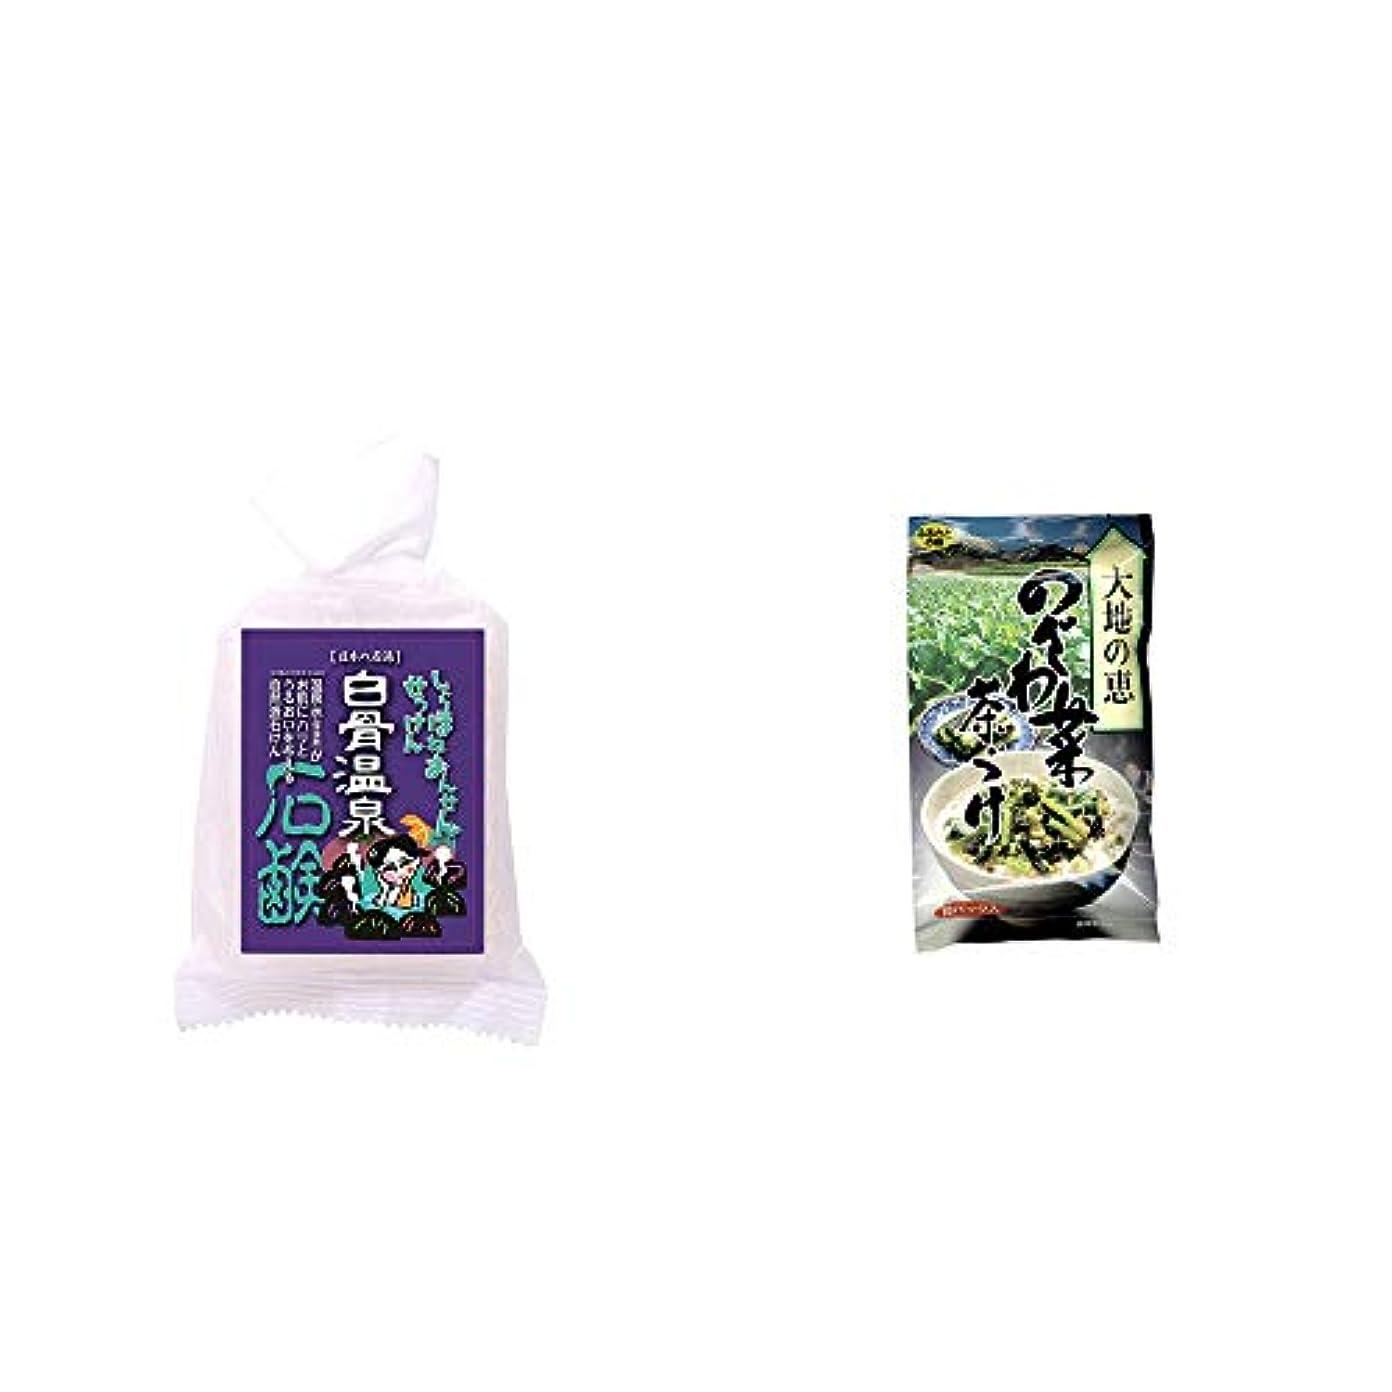 前件代理店びん[2点セット] 信州 白骨温泉石鹸(80g)?特選茶漬け 大地の恵 のざわ菜茶づけ(10袋入)